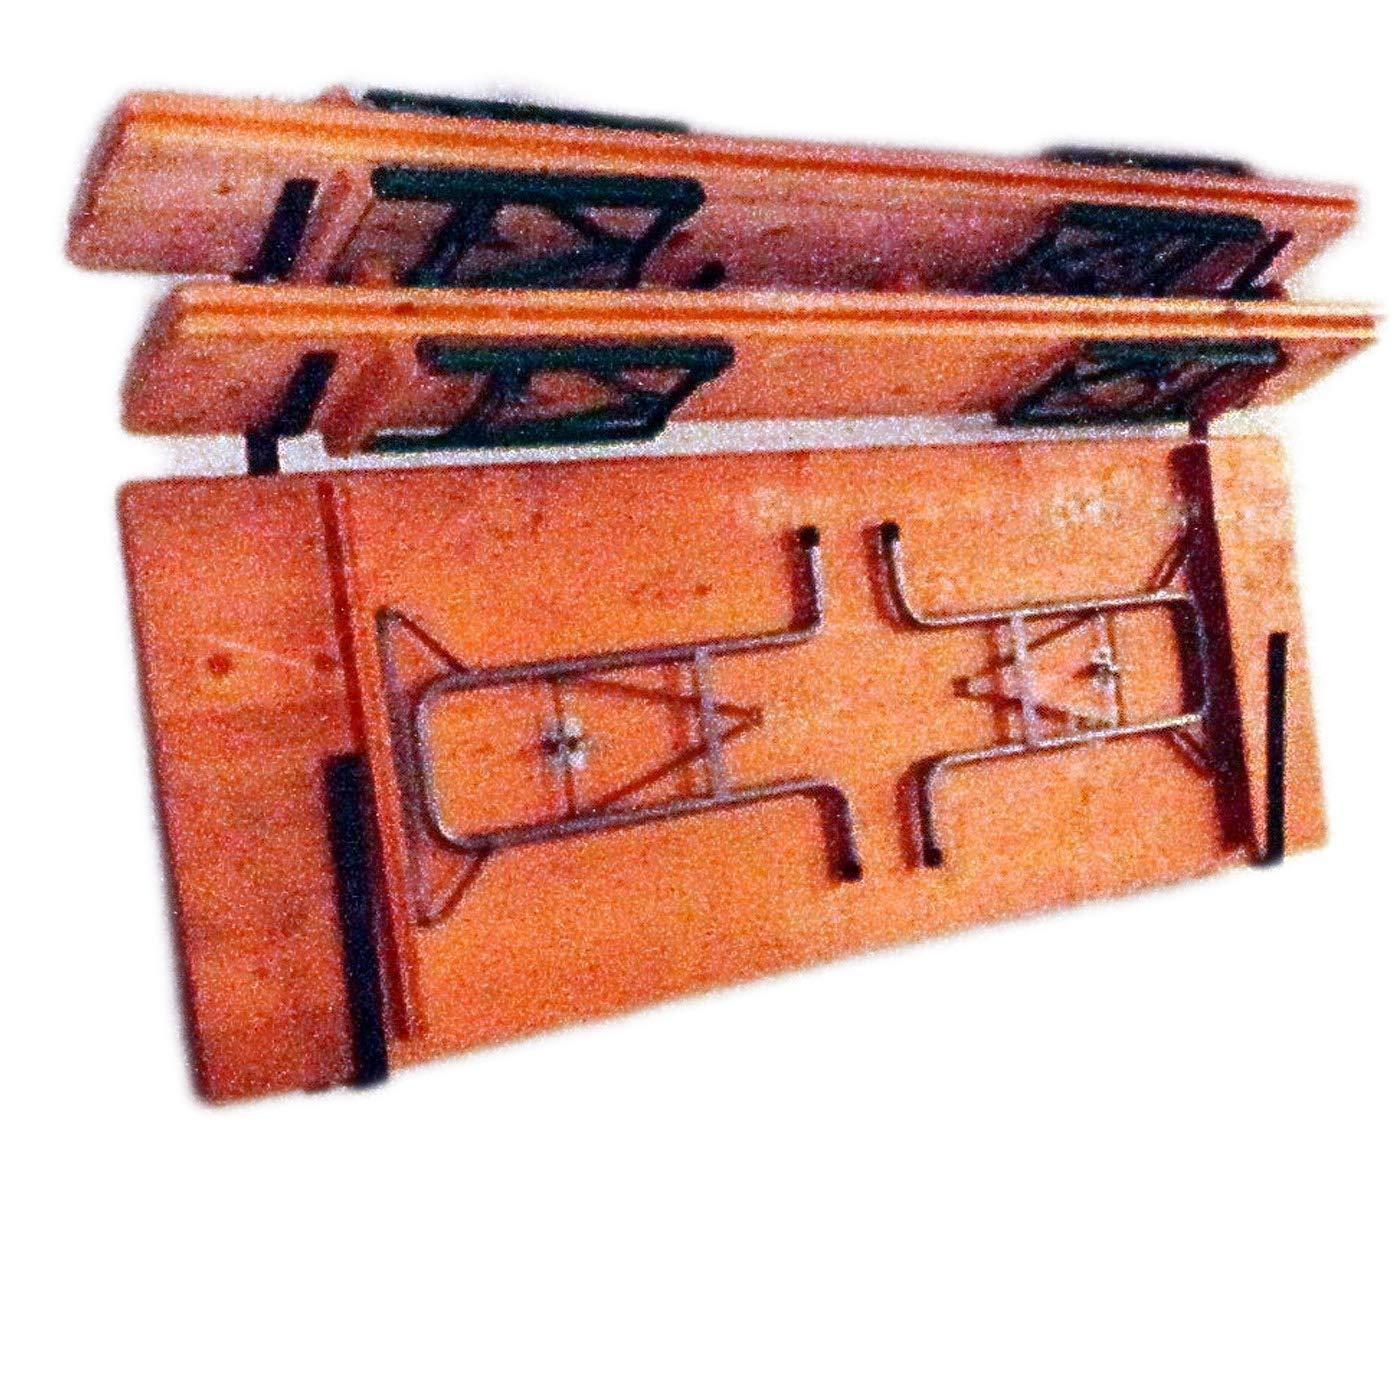 Wand Halterung Aufhängung aus Metall für 2 Bierzelt Garnituren Tische Bänke Halter